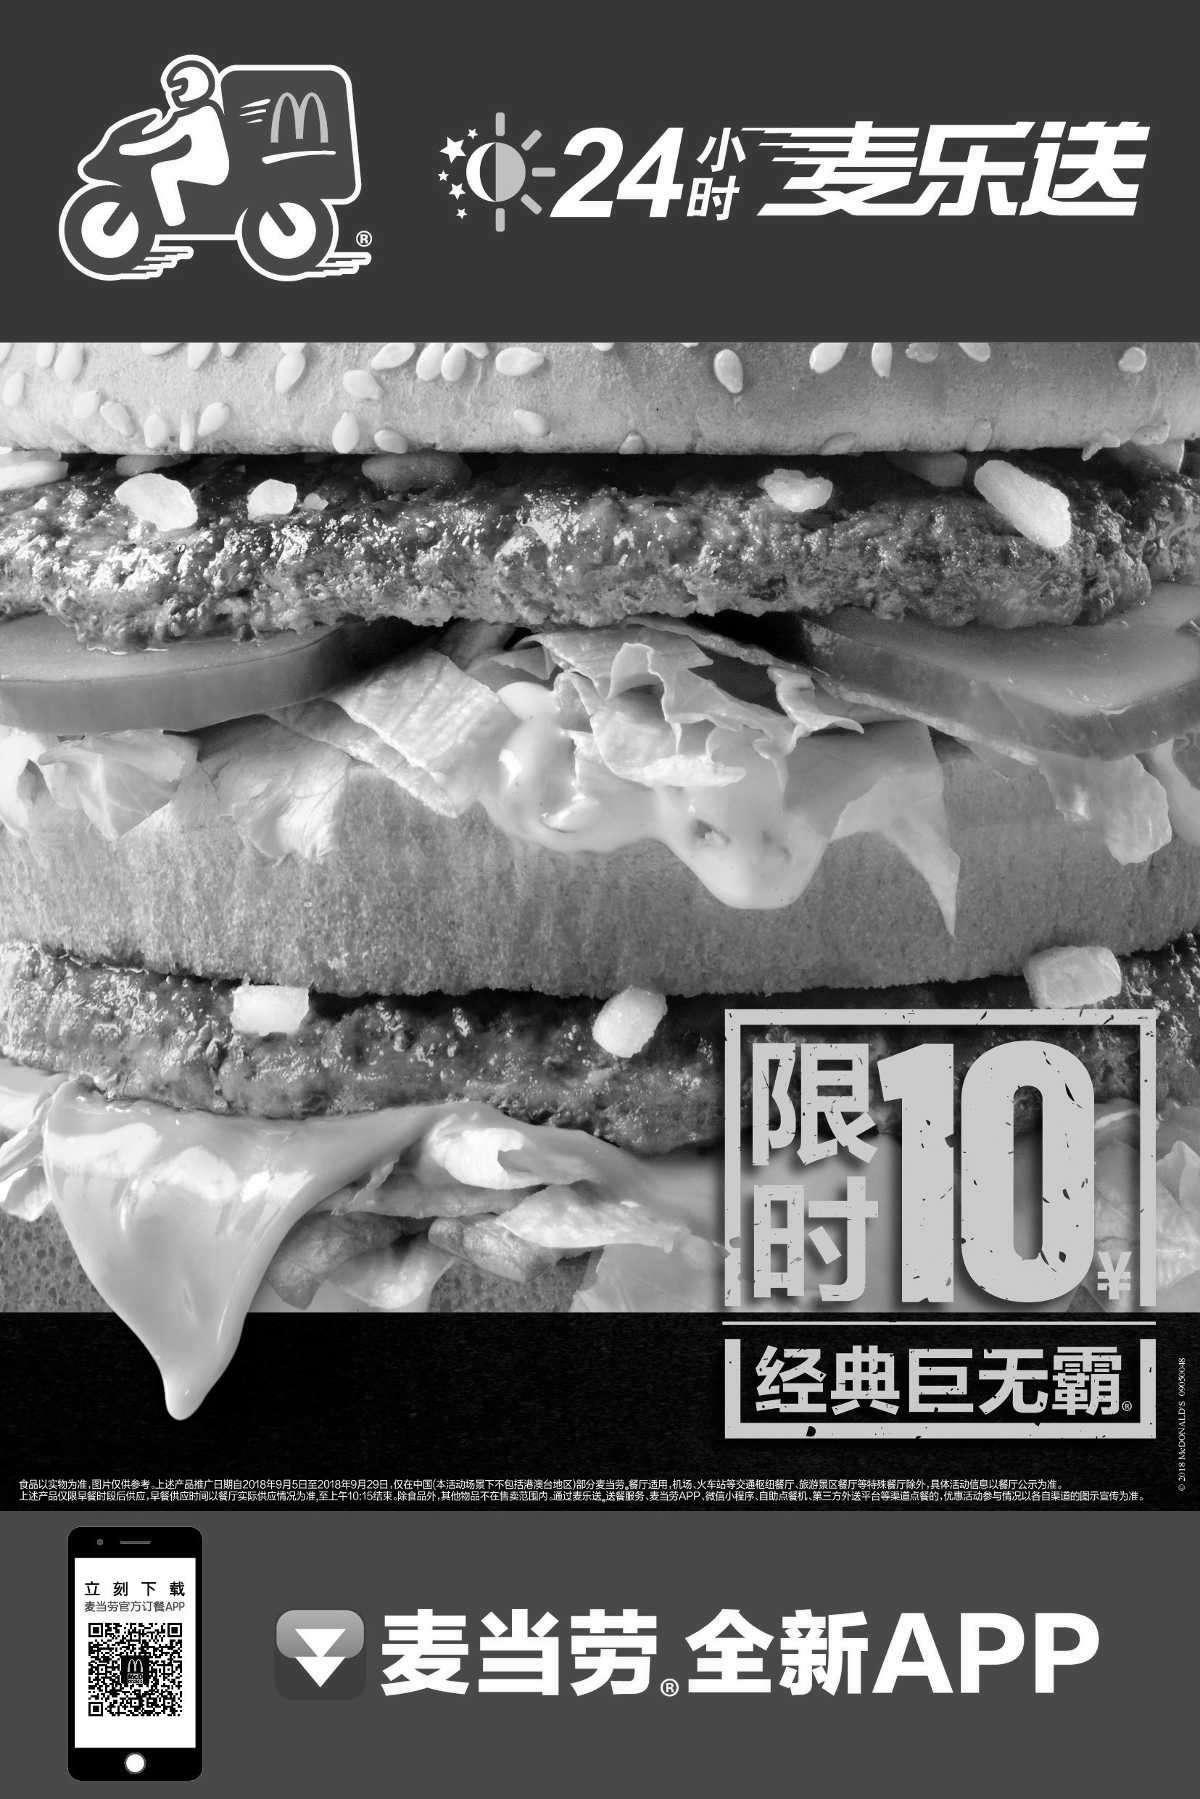 黑白优惠券图片:麦当劳麦乐送外送巨无霸只要10元 - www.5ikfc.com